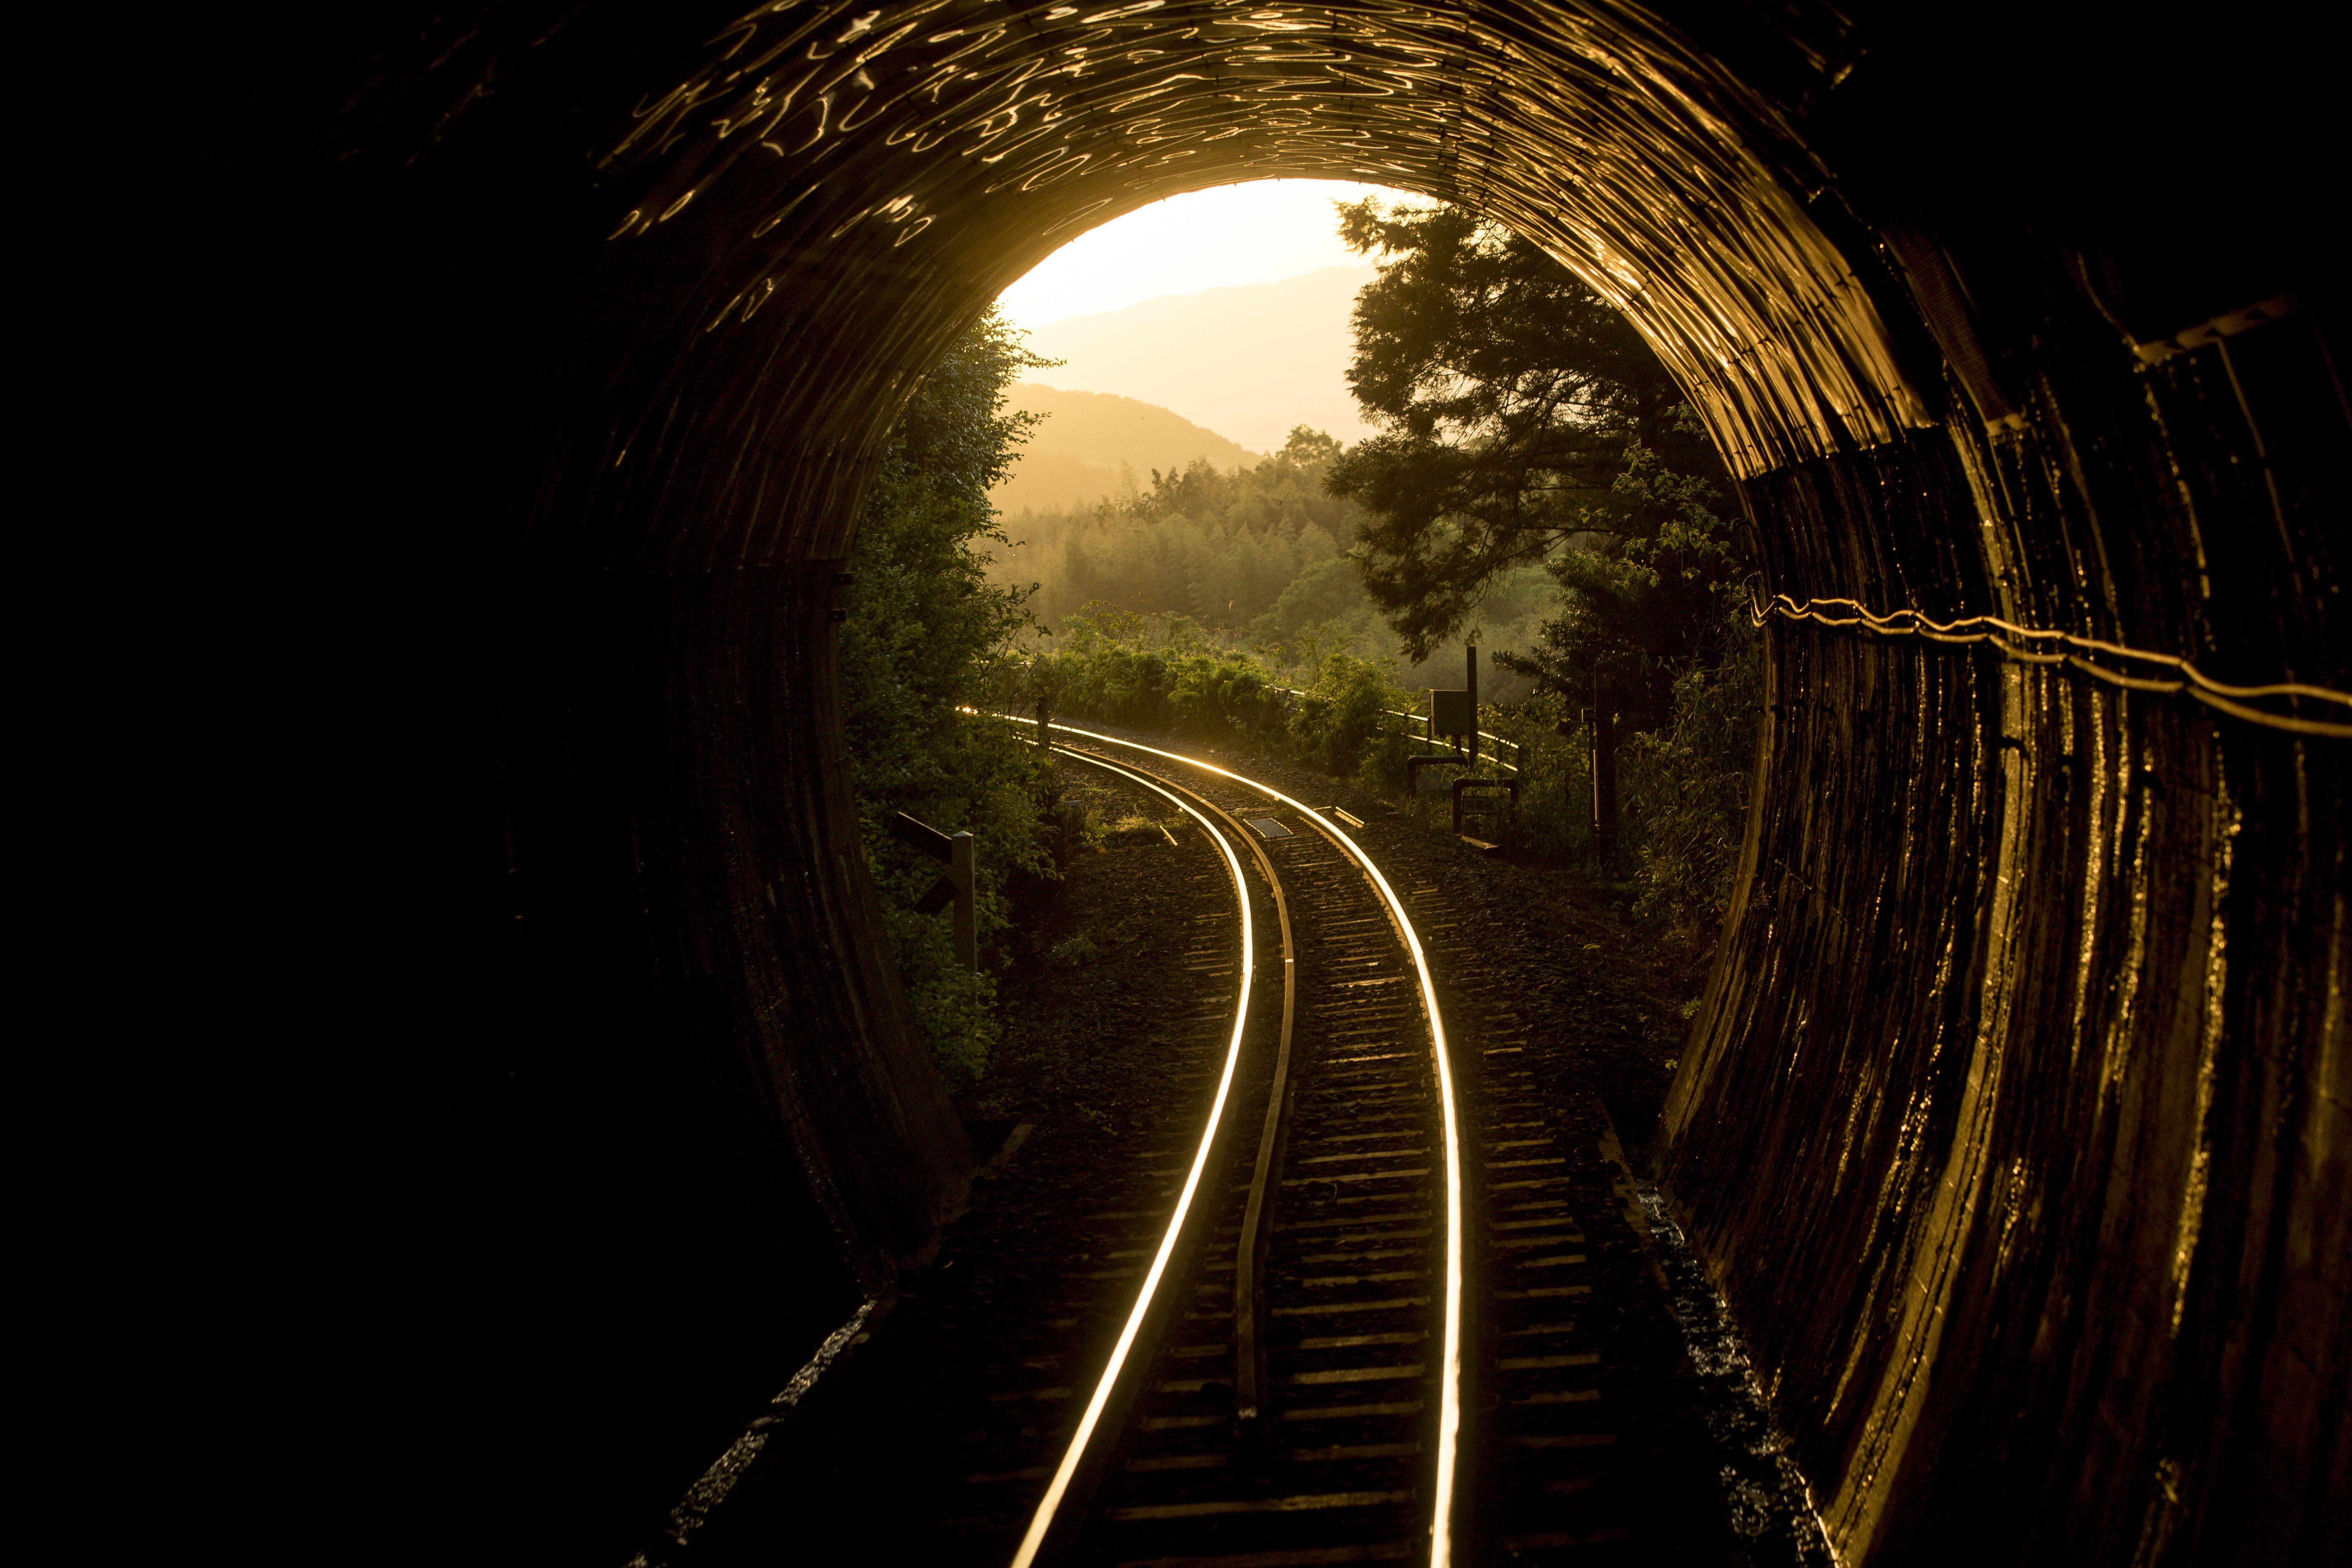 トンネルのイメージカット